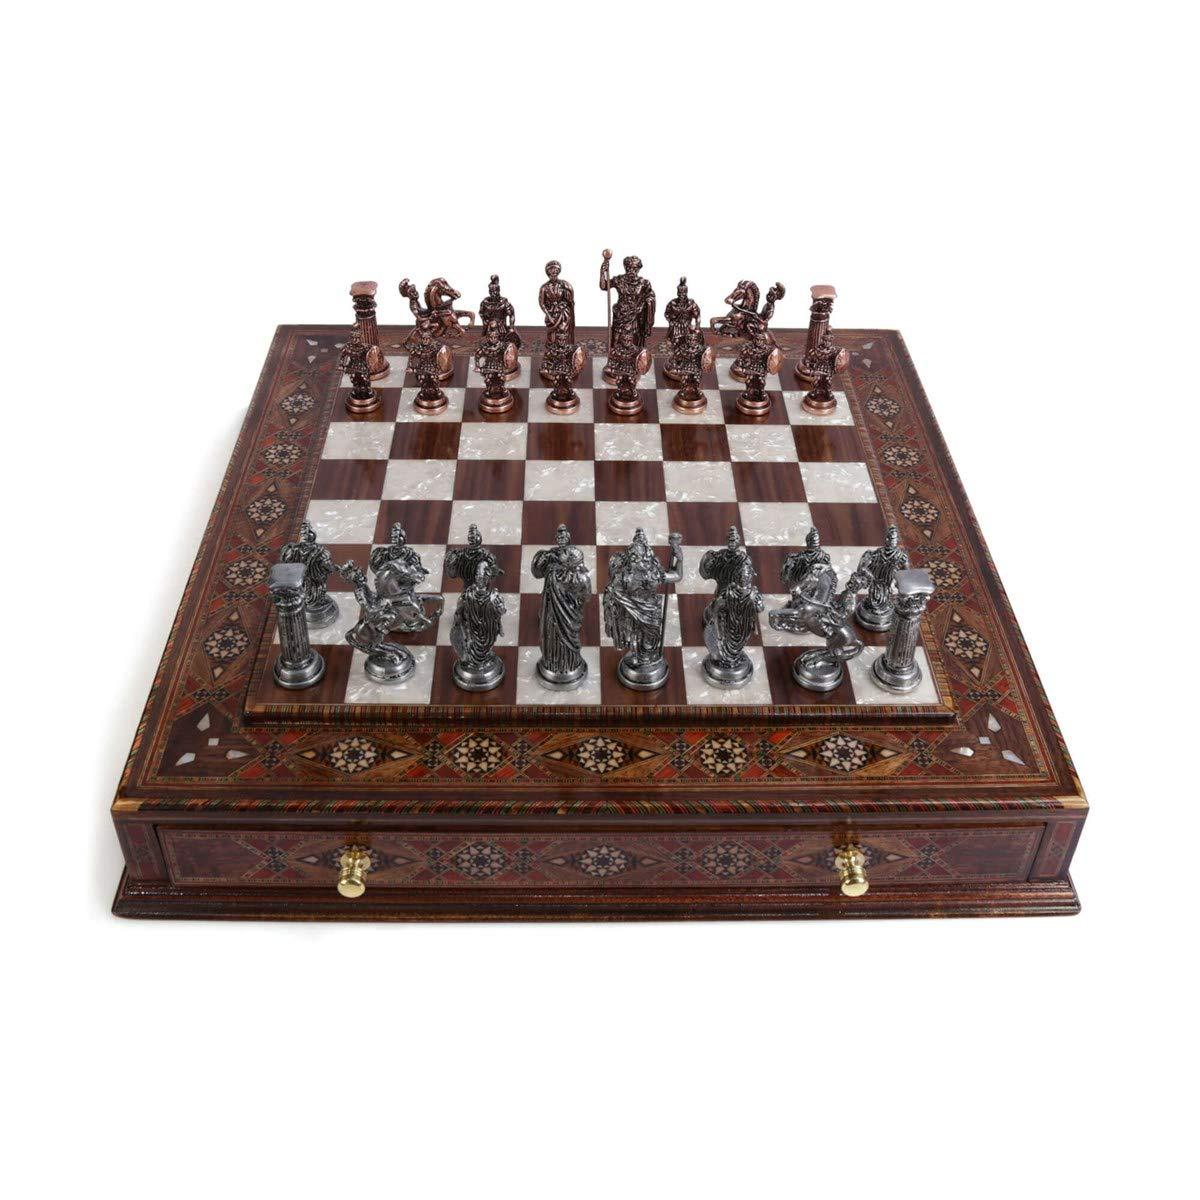 Juego de ajedrez de cobre antiguo antiguo para adultos, piezas hechas a mano,tablero de ajedrez de madera maciza natural con perlas originales alrededor de la tabla,cajón de almacenamiento dentro: Amazon.es: Hogar